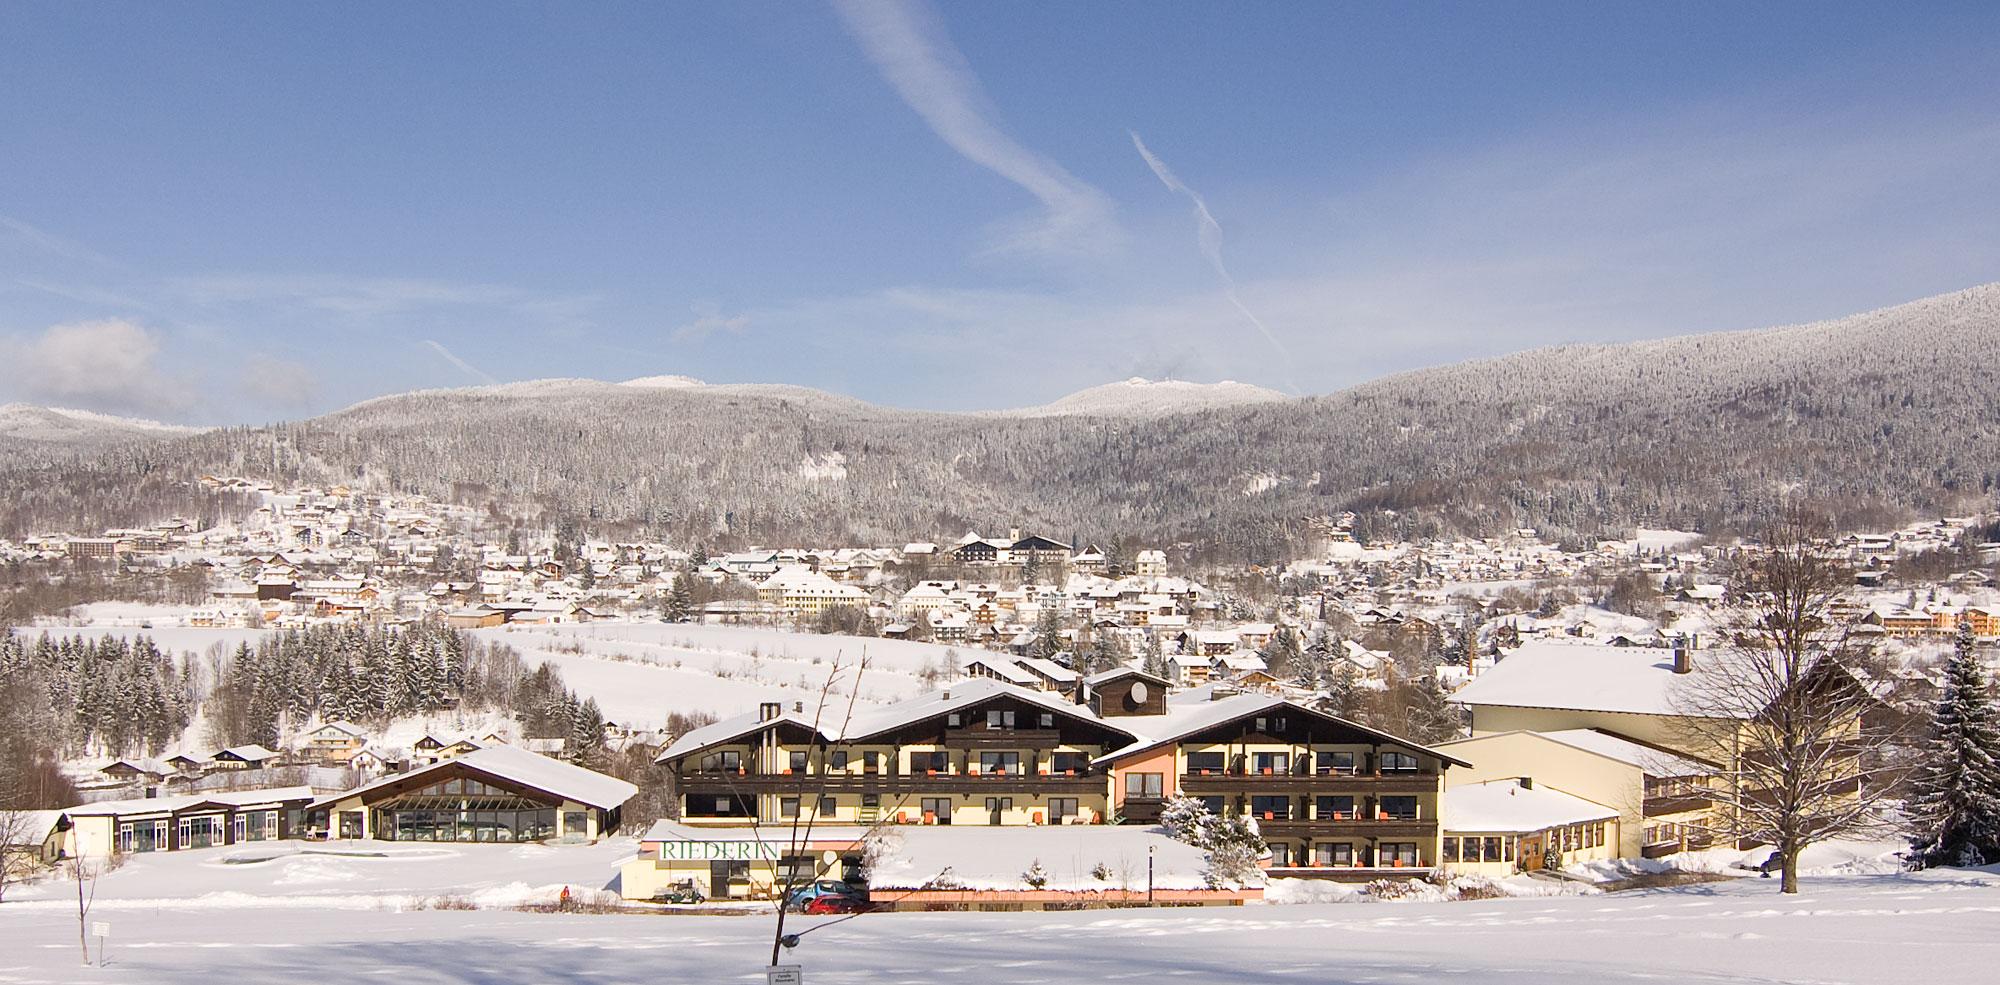 4 Sterne Hotel In Bodenmais Bayerischer Wald Urlaub Im Wellnesshotel